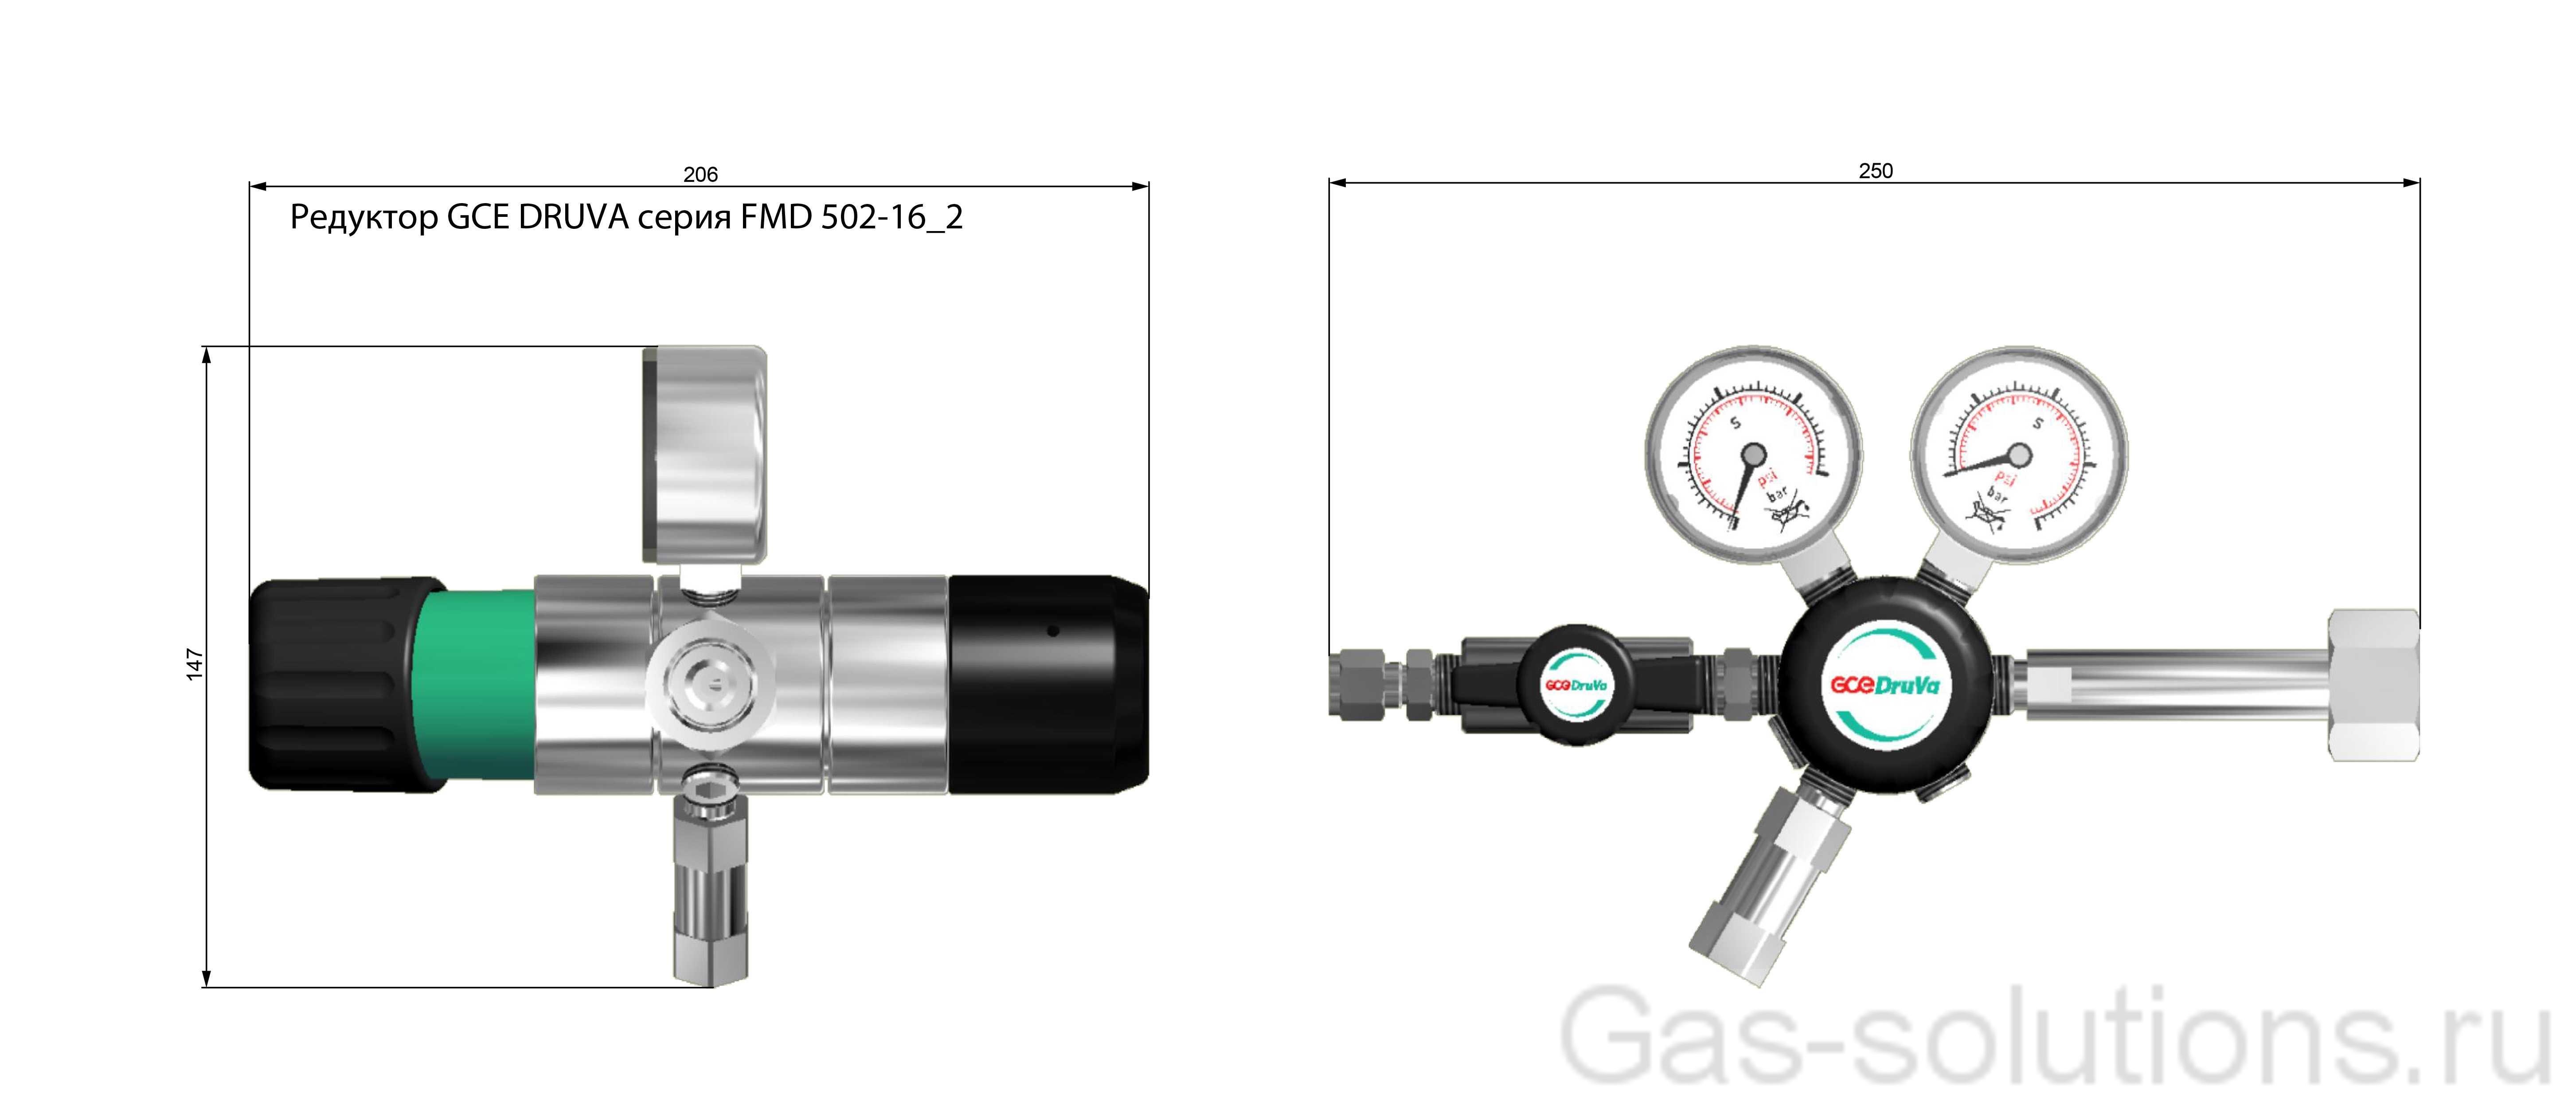 Редуктор GCE DRUVA серия FMD 502-16_2